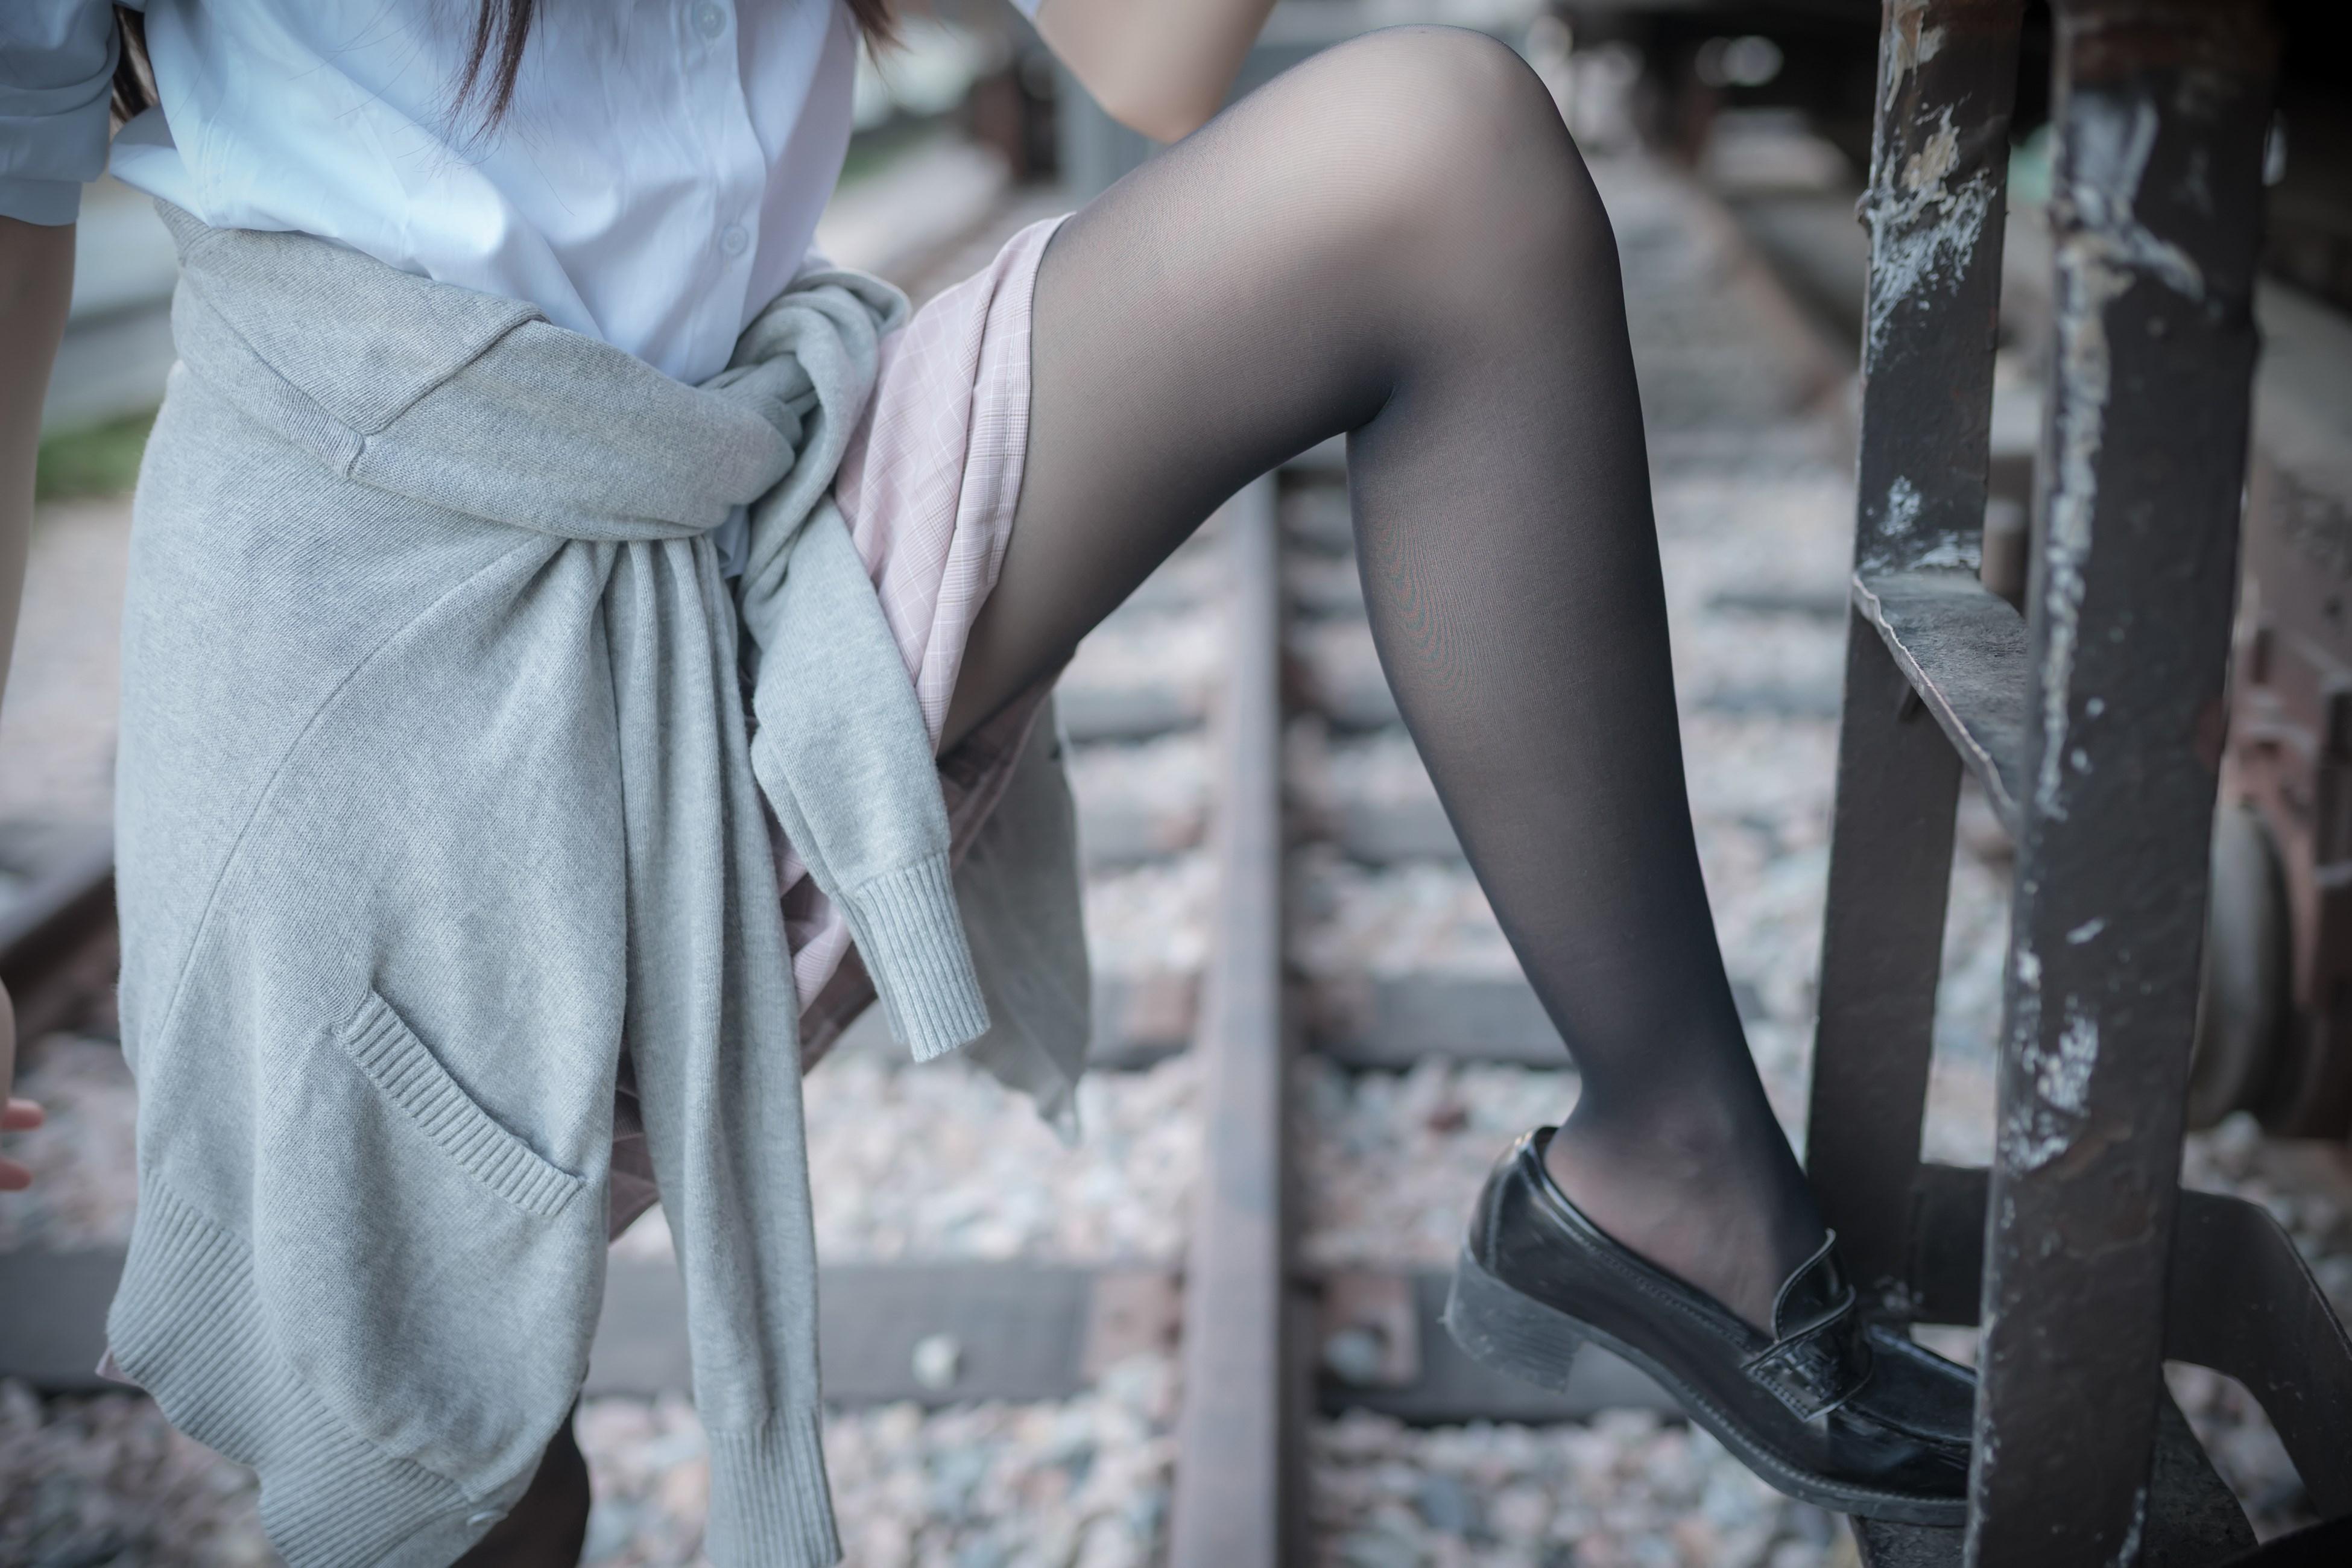 【兔玩映画】铁轨旁的小细腿 兔玩映画 第49张